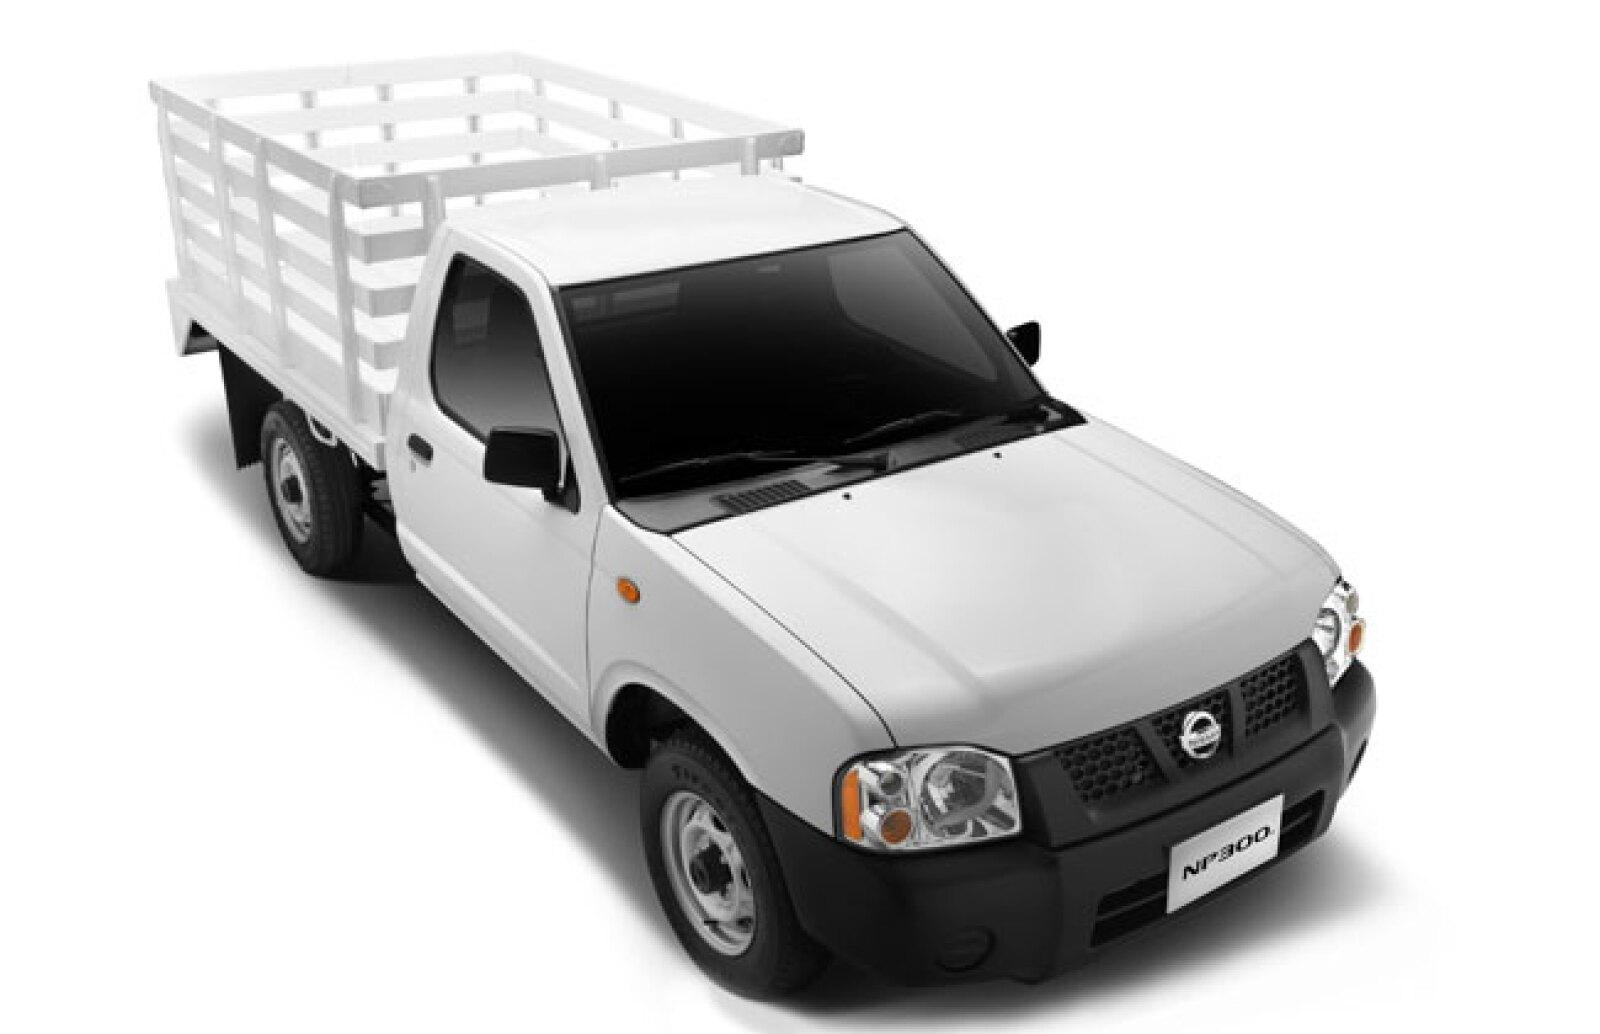 Camioneta Nissan Chas�s Largo. Nissan lo ensambla en su f�brica de Cuernavaca, Morelos,